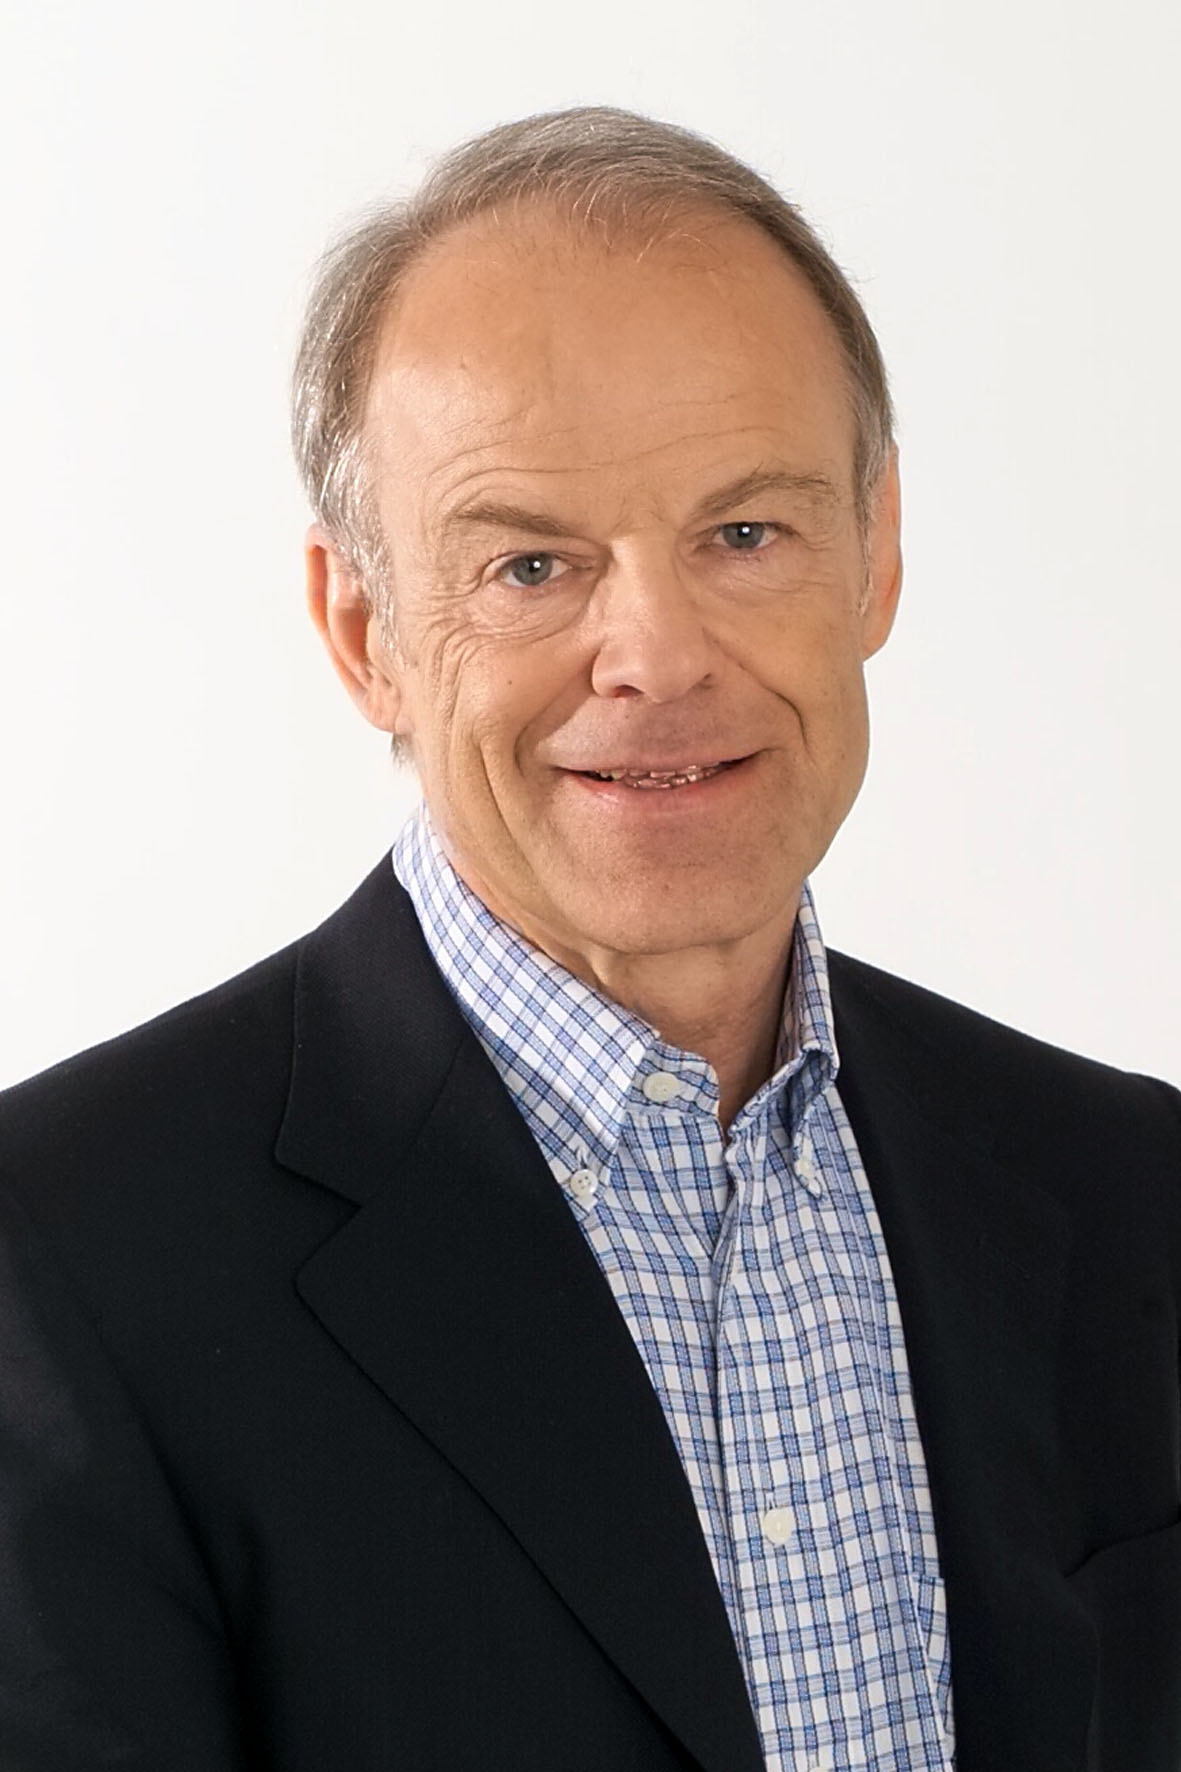 Knut Hinz